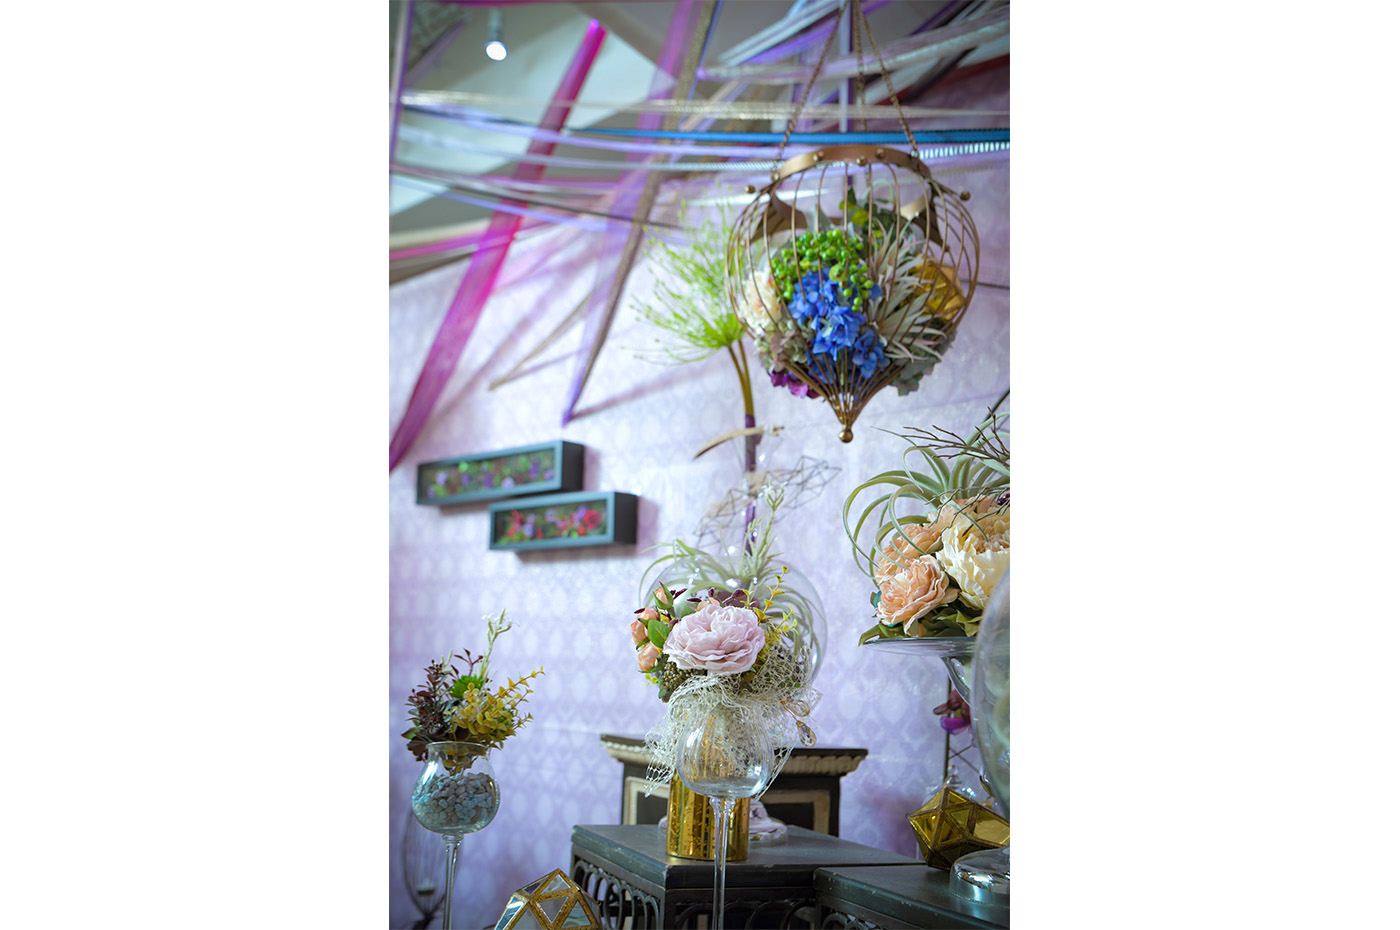 グラスに装飾された花々、天井にはリボン、タイル風の壁紙